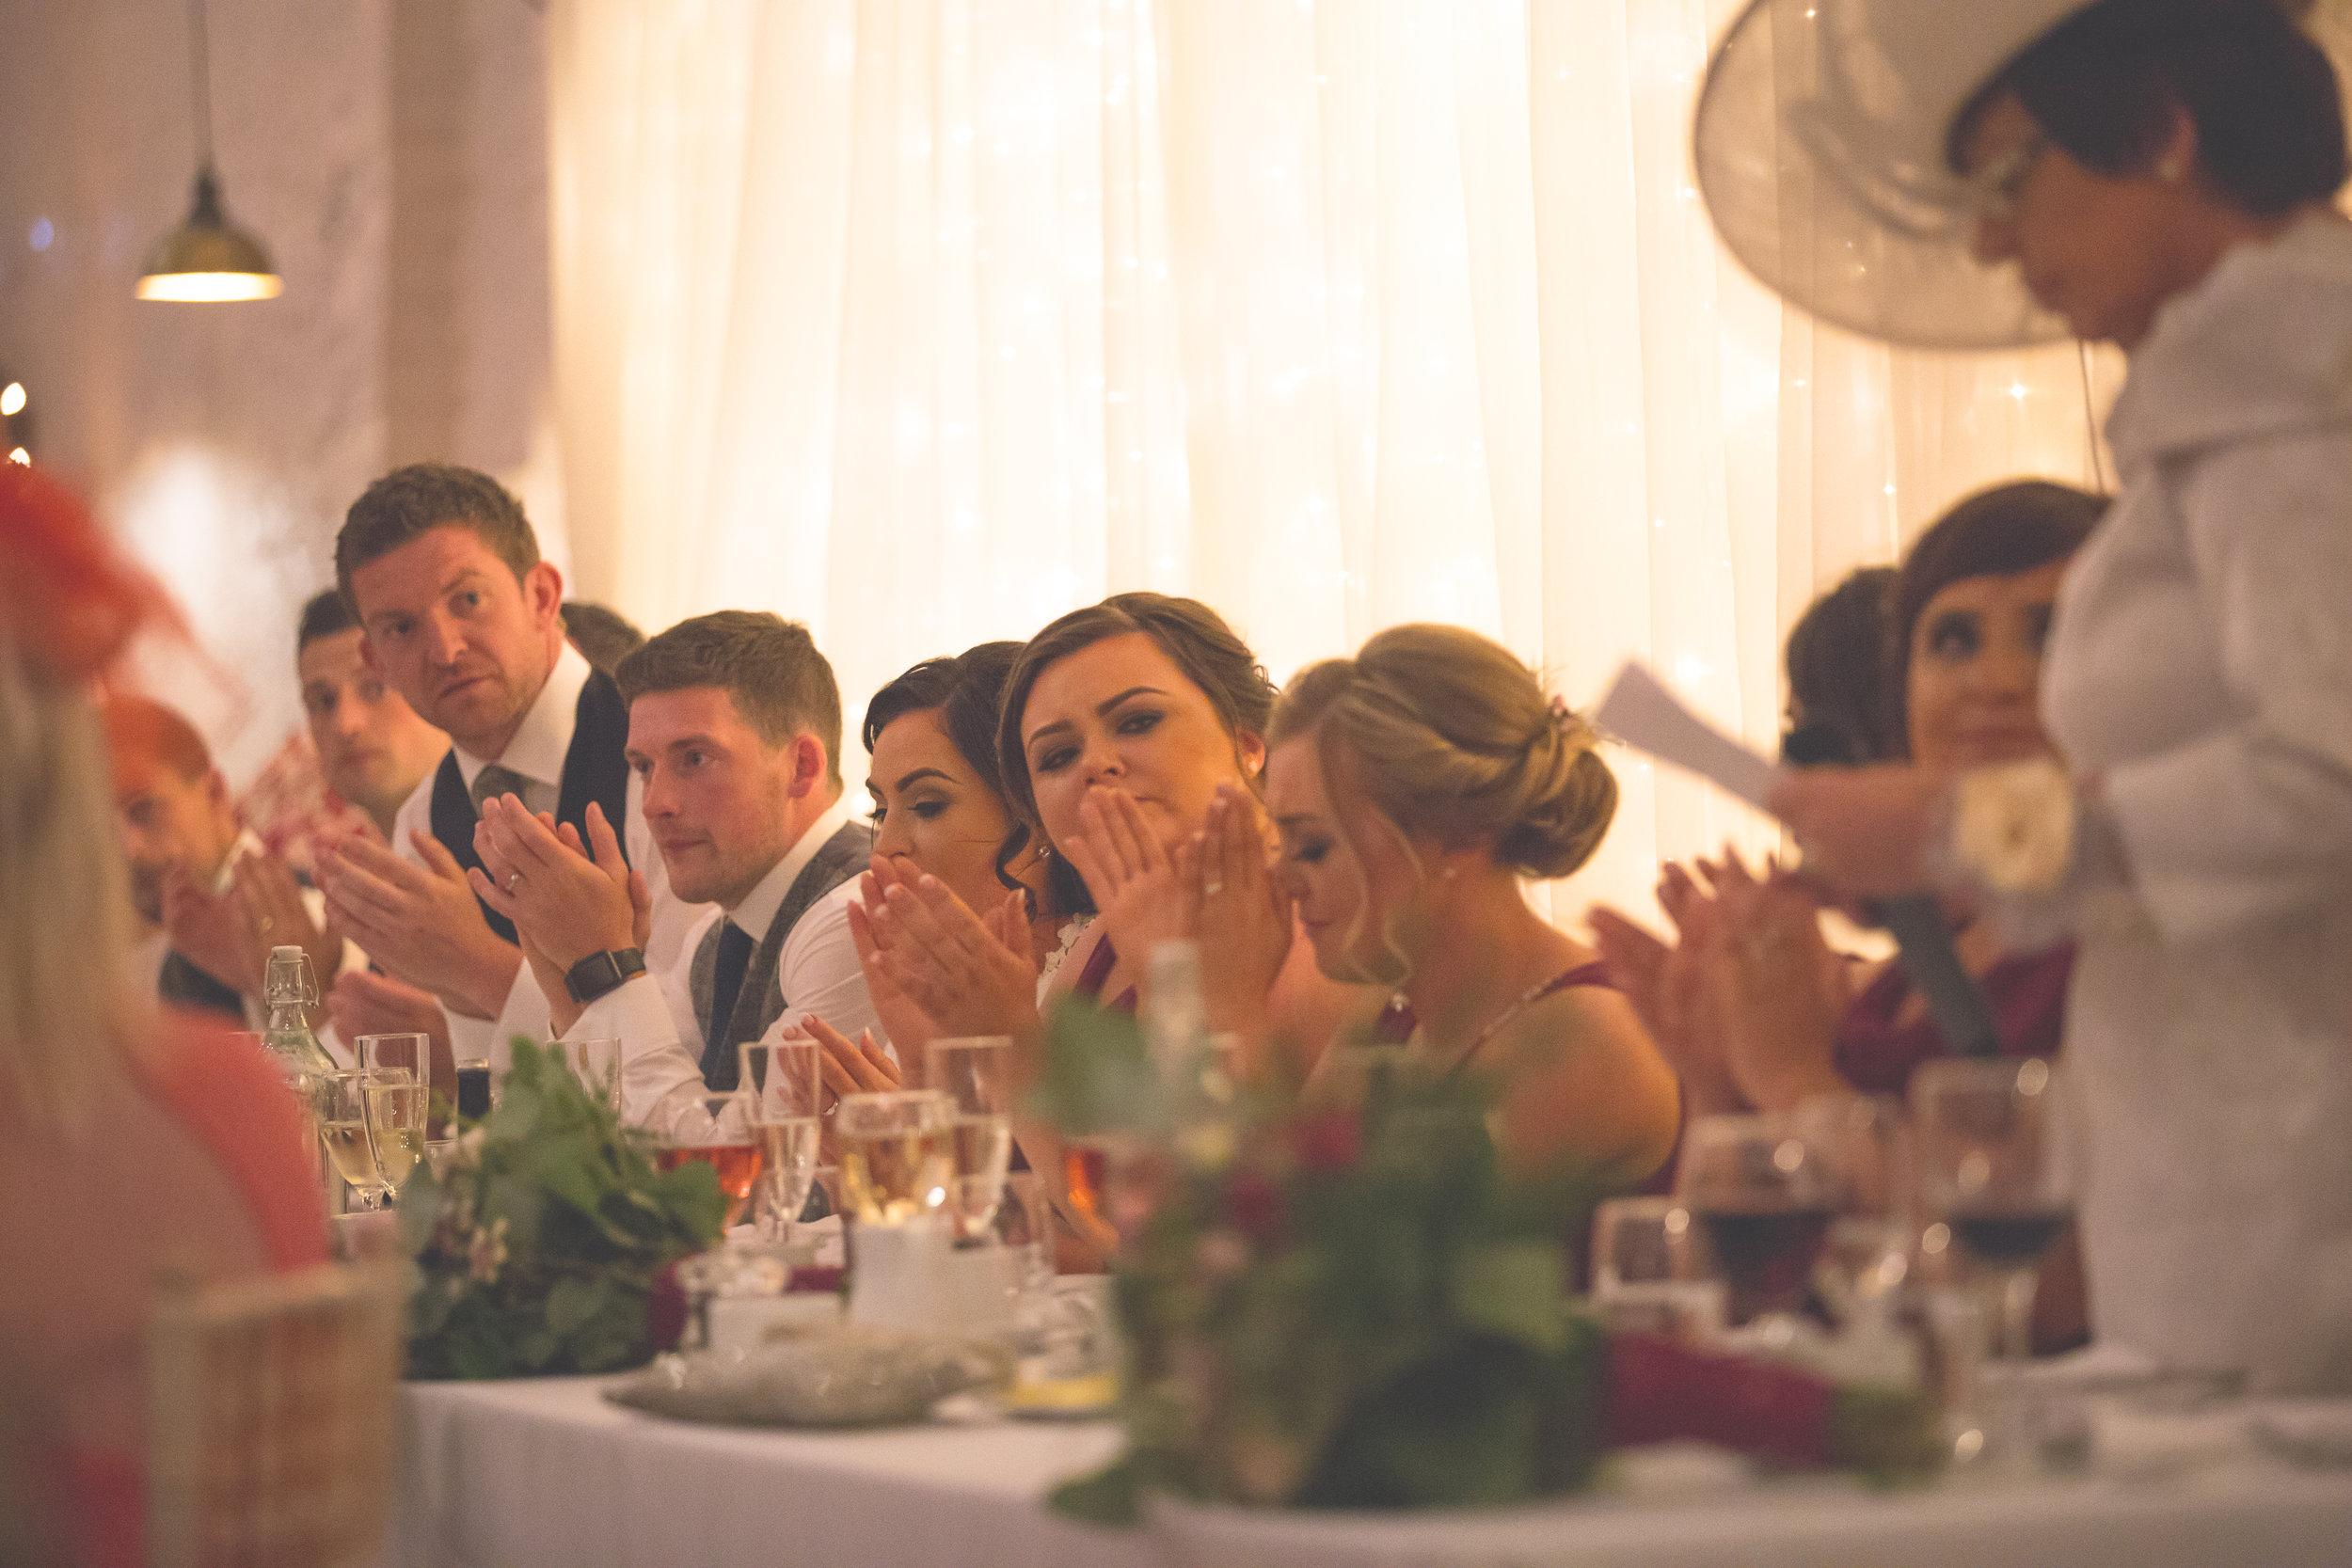 Brian McEwan Wedding Photography | Carol-Anne & Sean | The Speeches-63.jpg